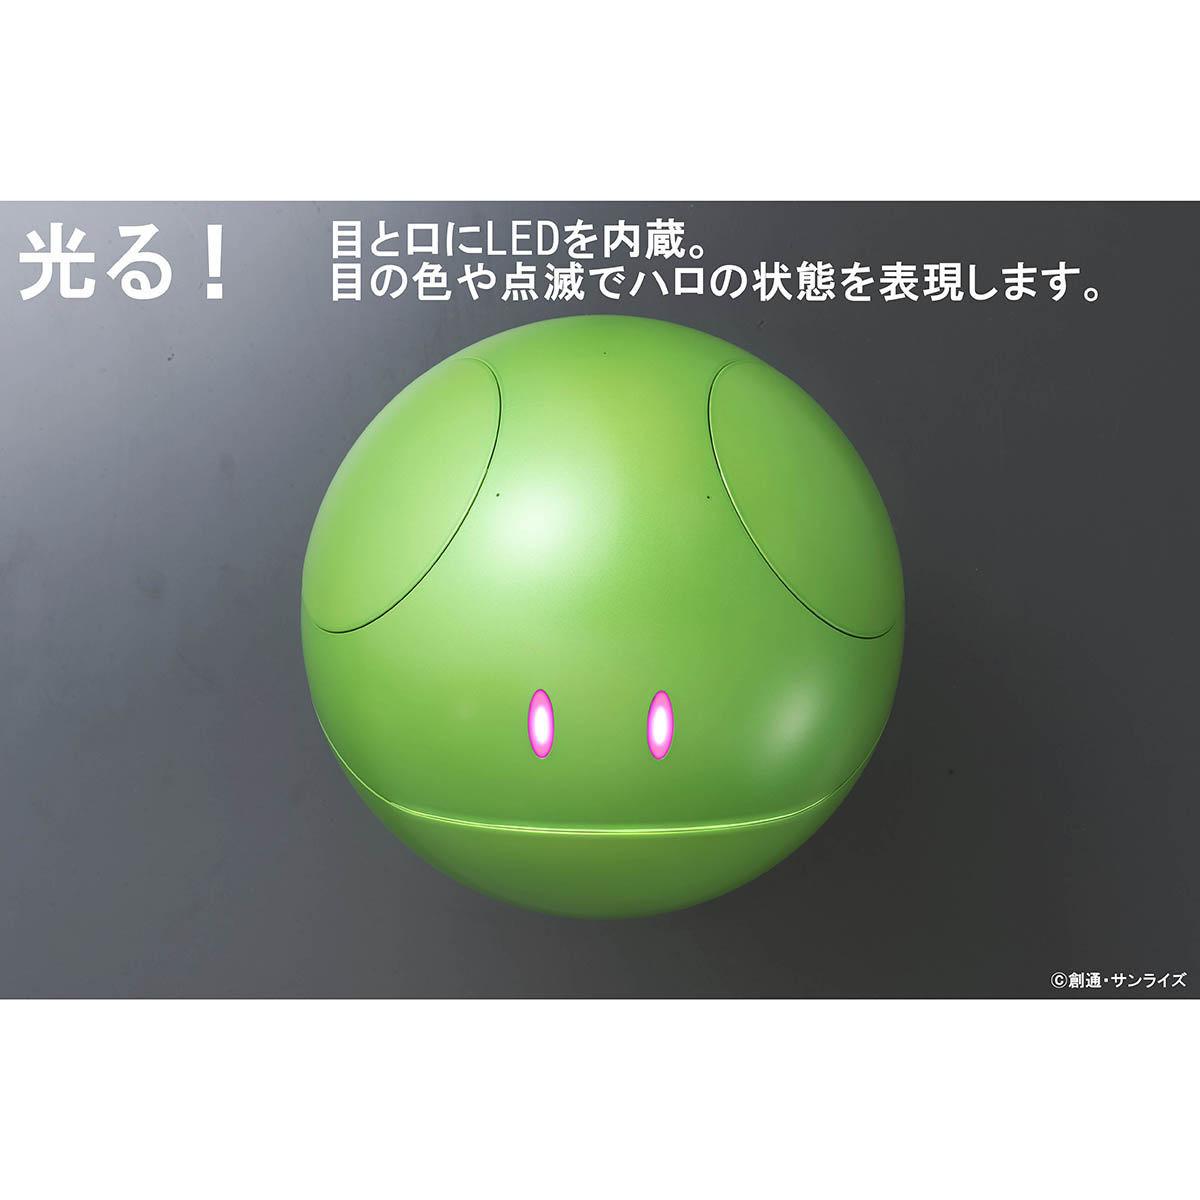 機動戦士ガンダム『ガンシェルジュ ハロ』コミュニケーションロボット-006